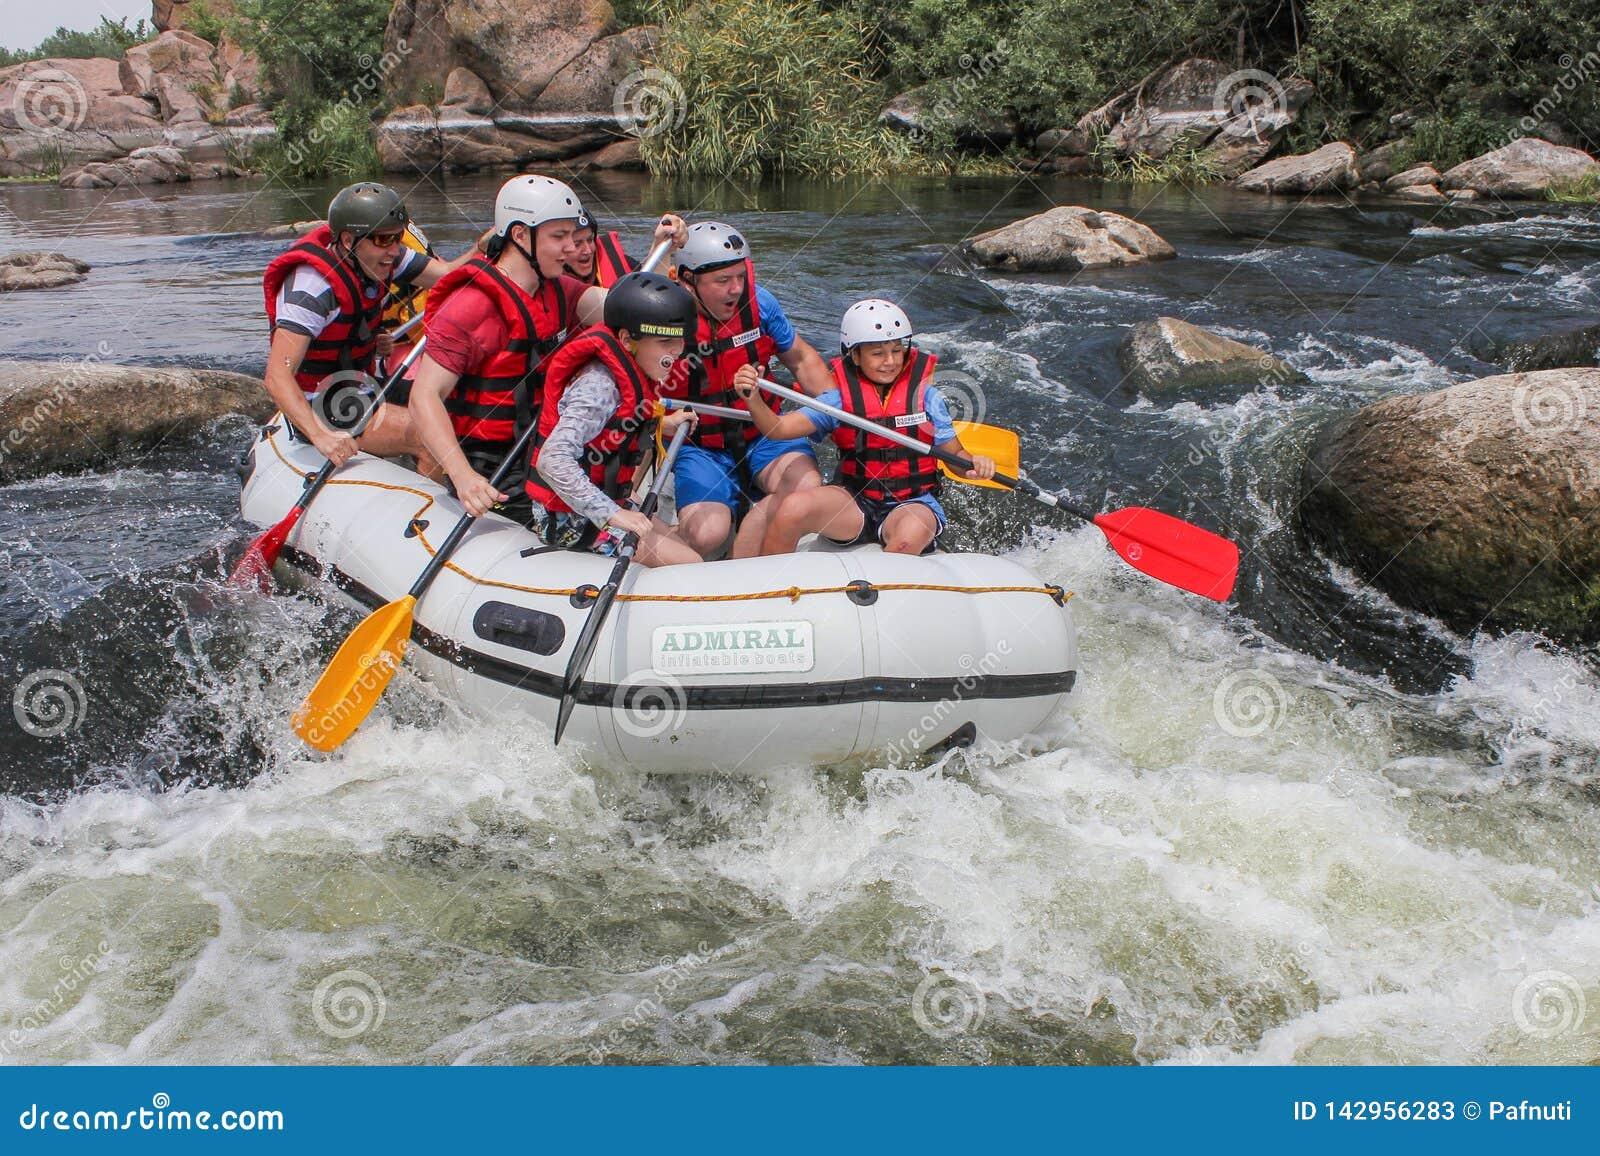 Gruppen av män och kvinnor, tycker om vatten som rafting på floden